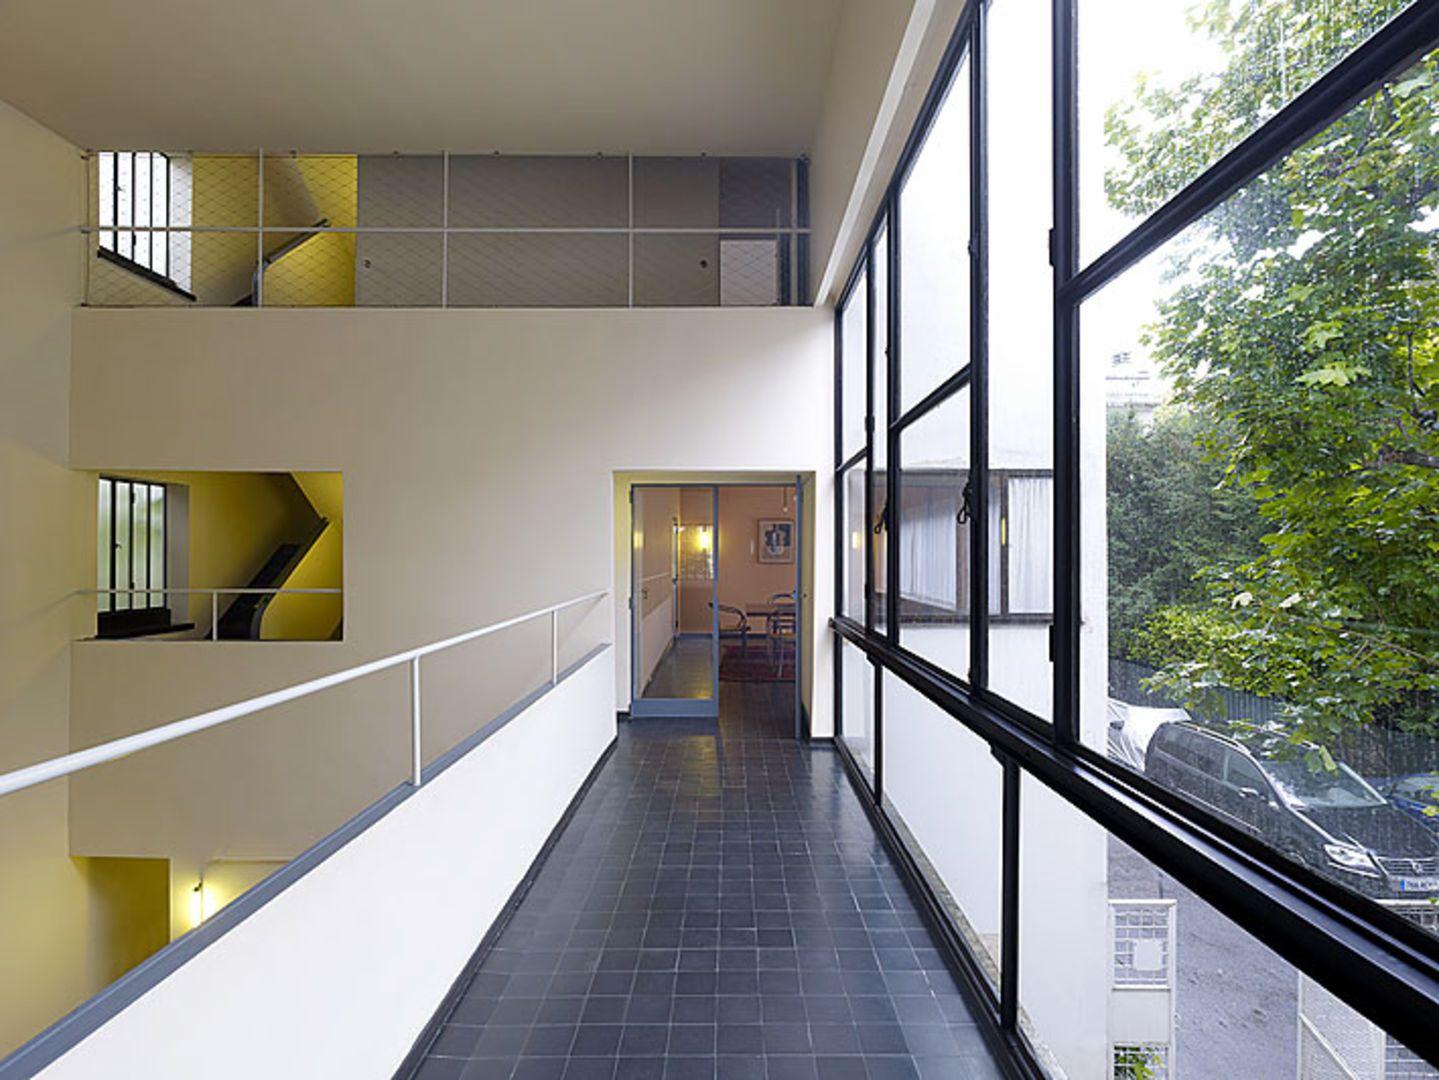 Maison La Roche Corbusier Paris le corbusier, cemal emden · maisons la roche-jeanneret